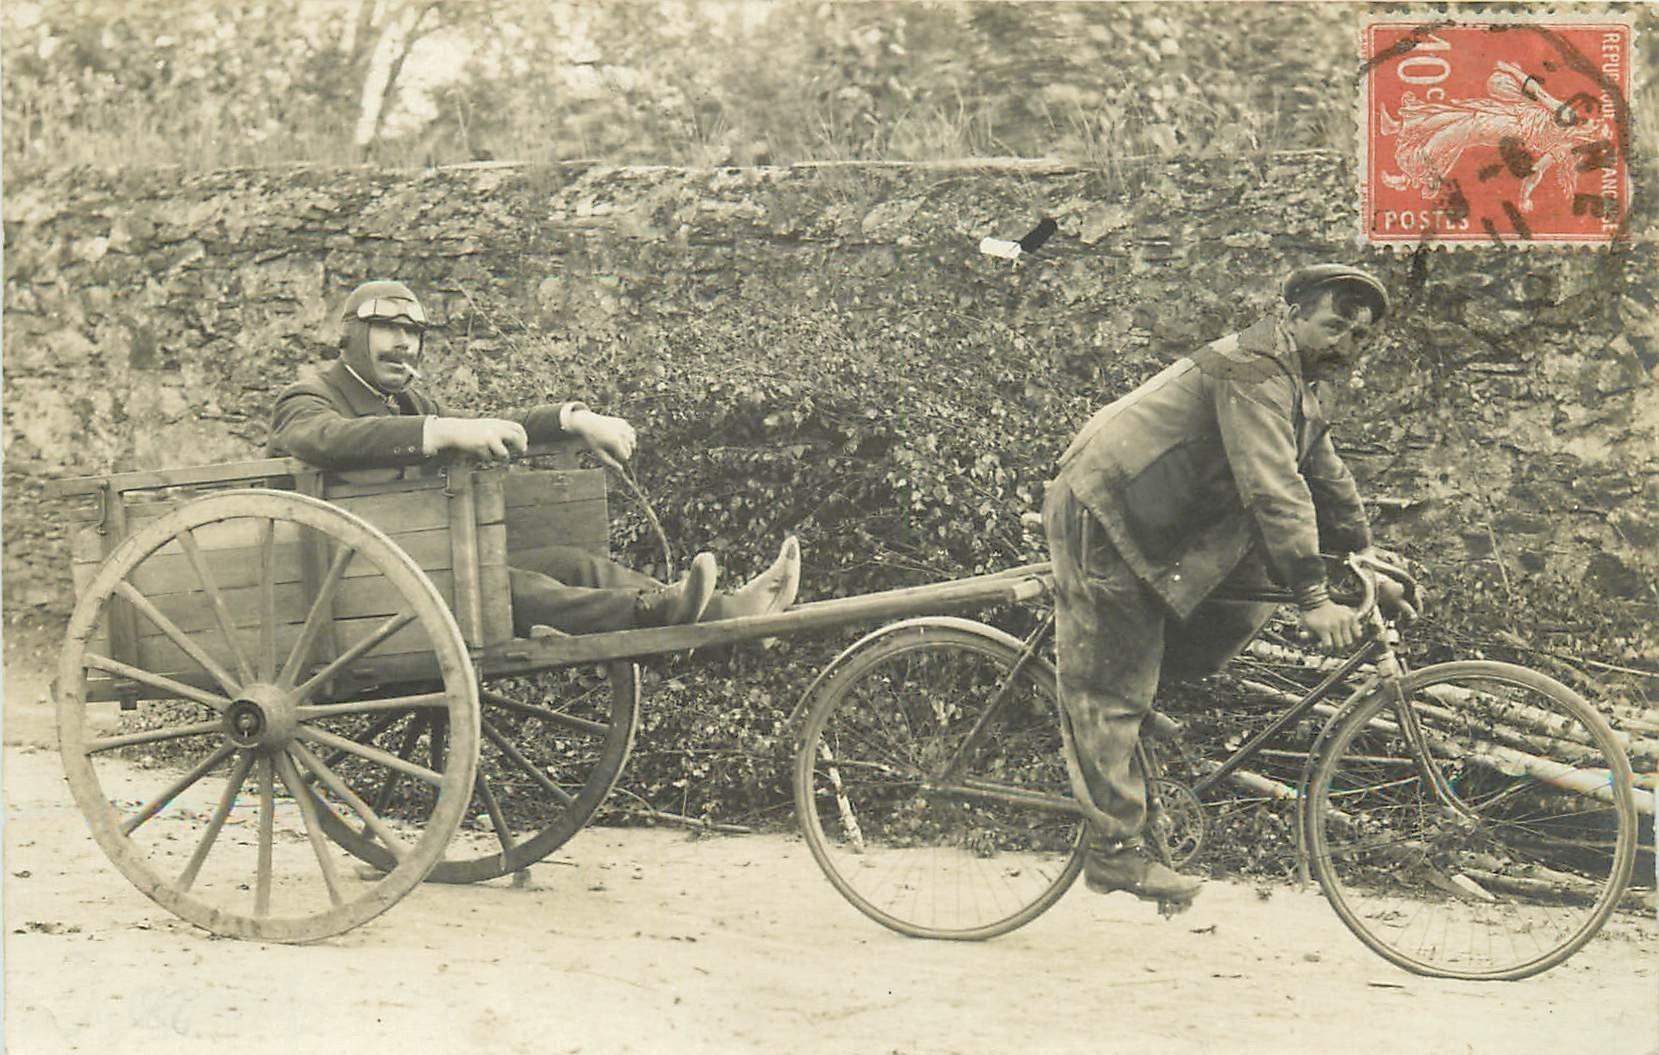 49 CANDE. Fêtards en vadrouille 1911. Casque de Pilote d'avion et attelage bicyclette. Photo carte postale